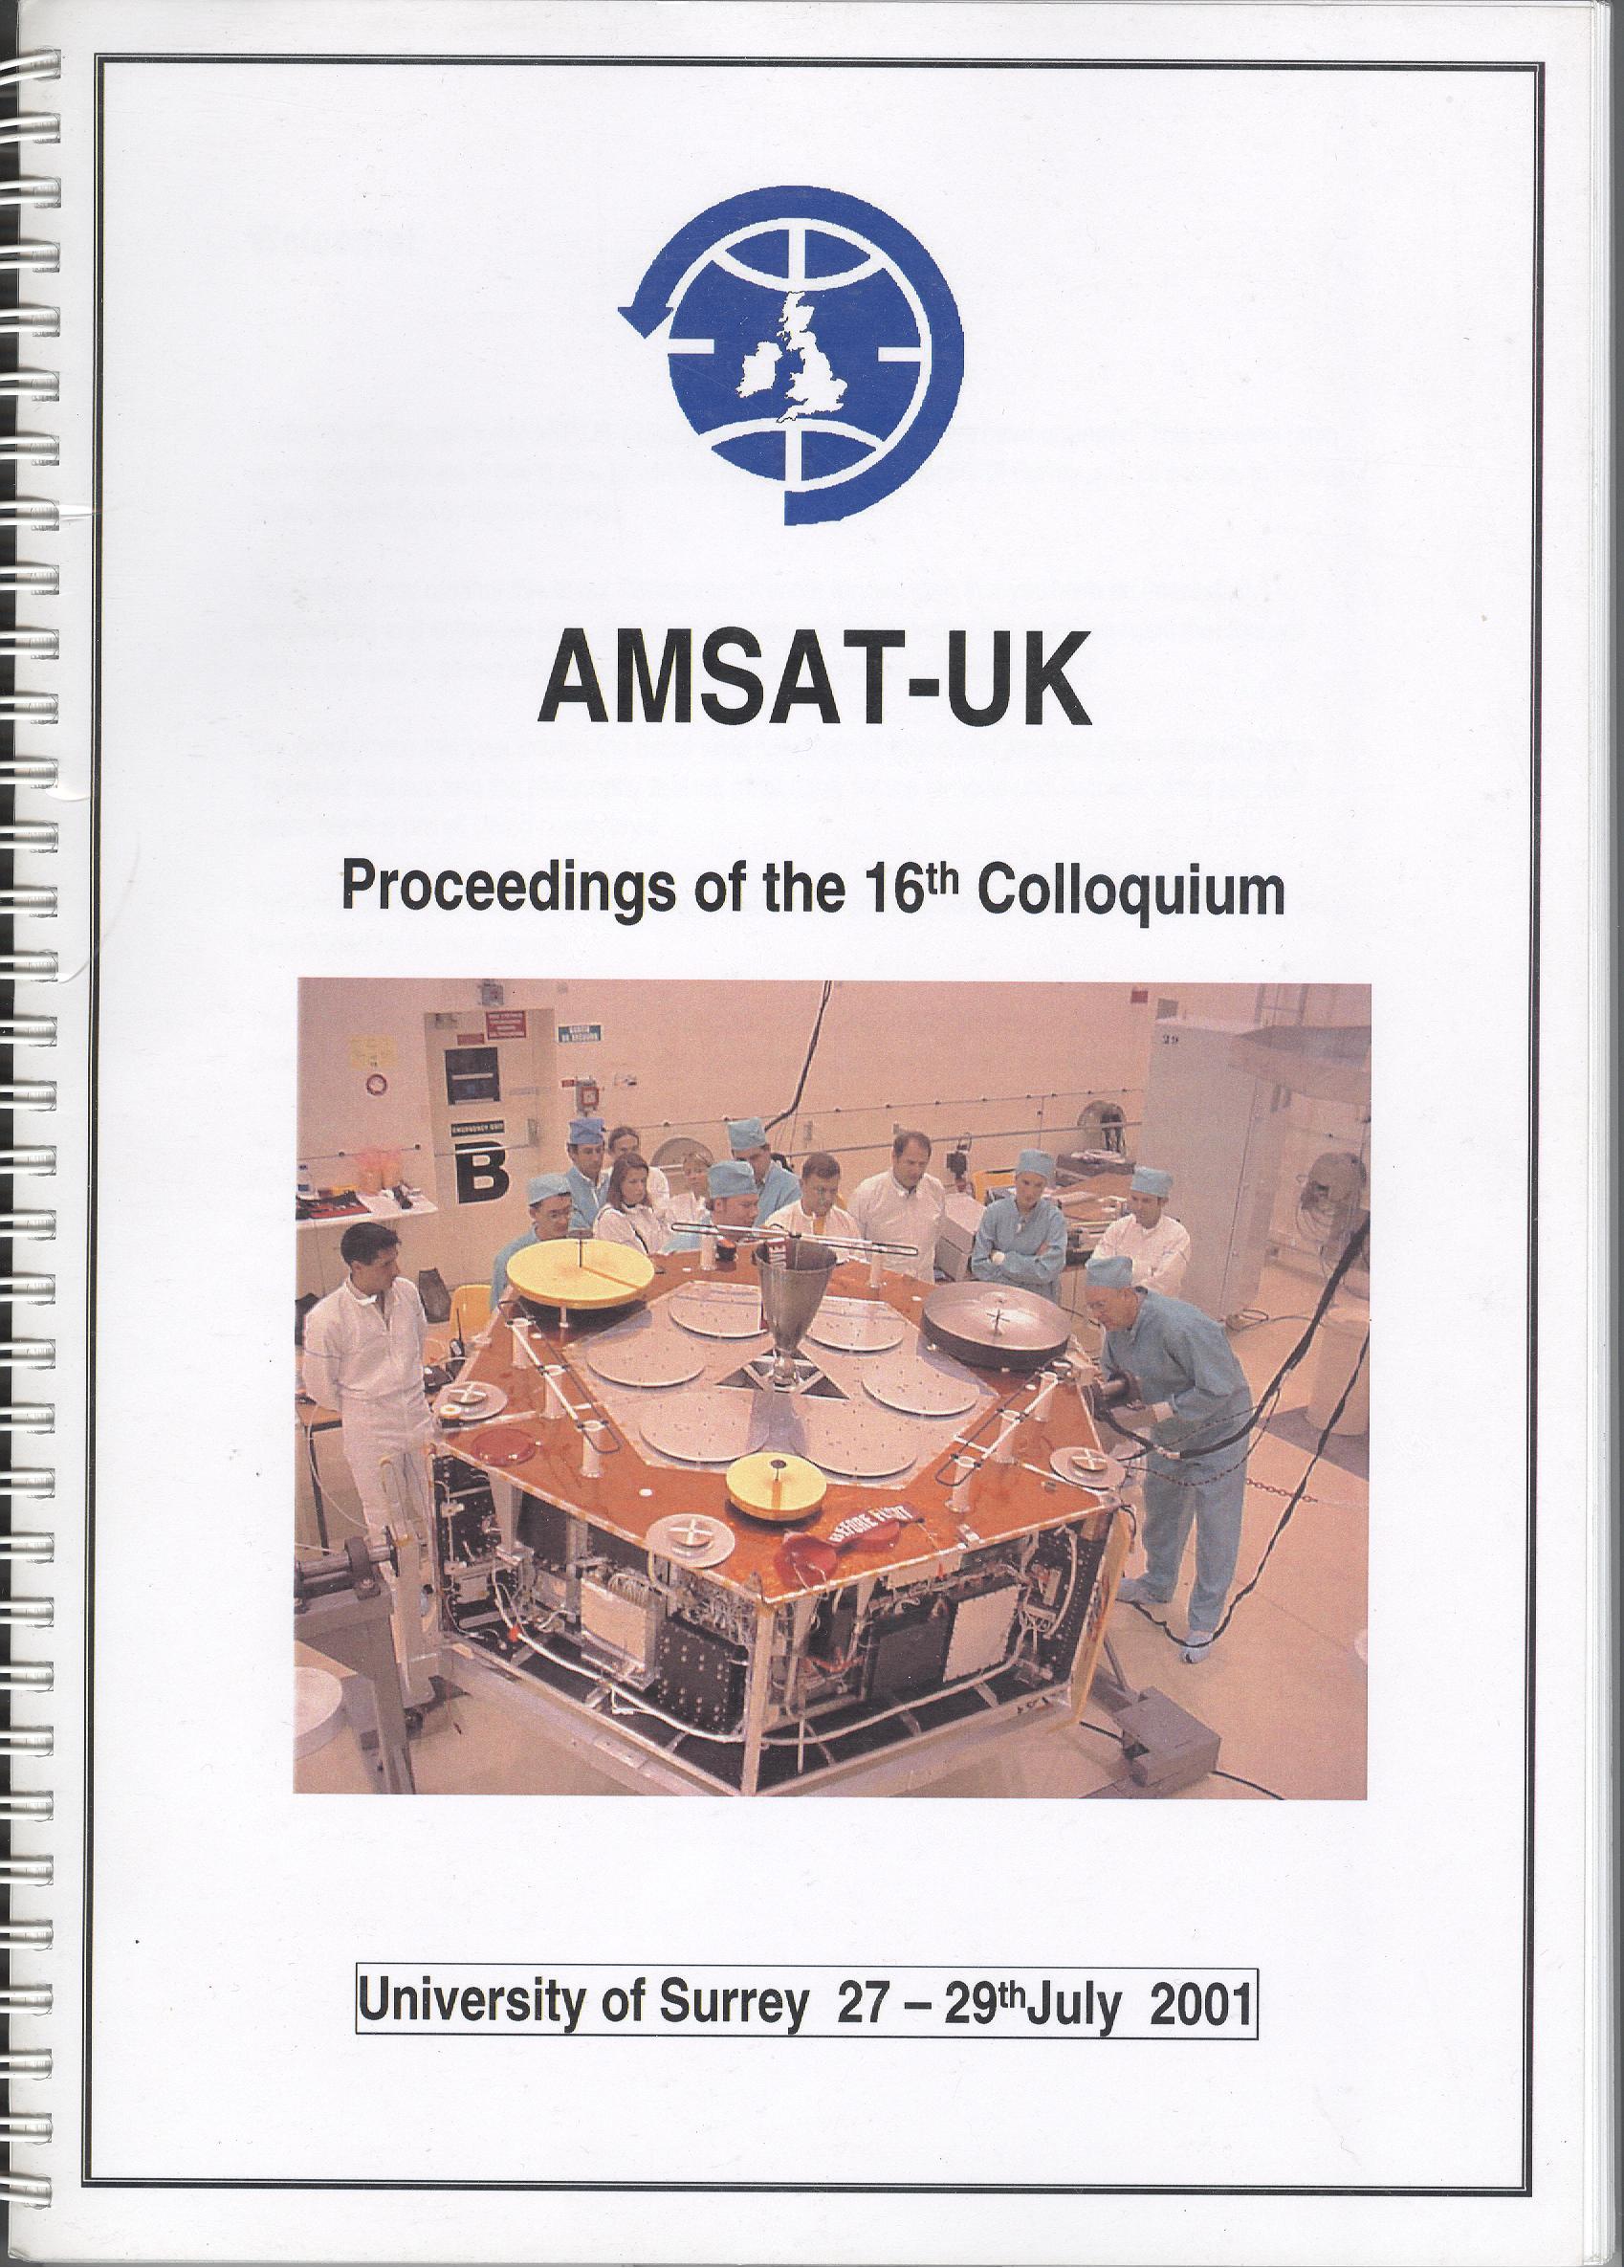 The Proceedings of the 16th AMSAT-UK Colloquium 2001